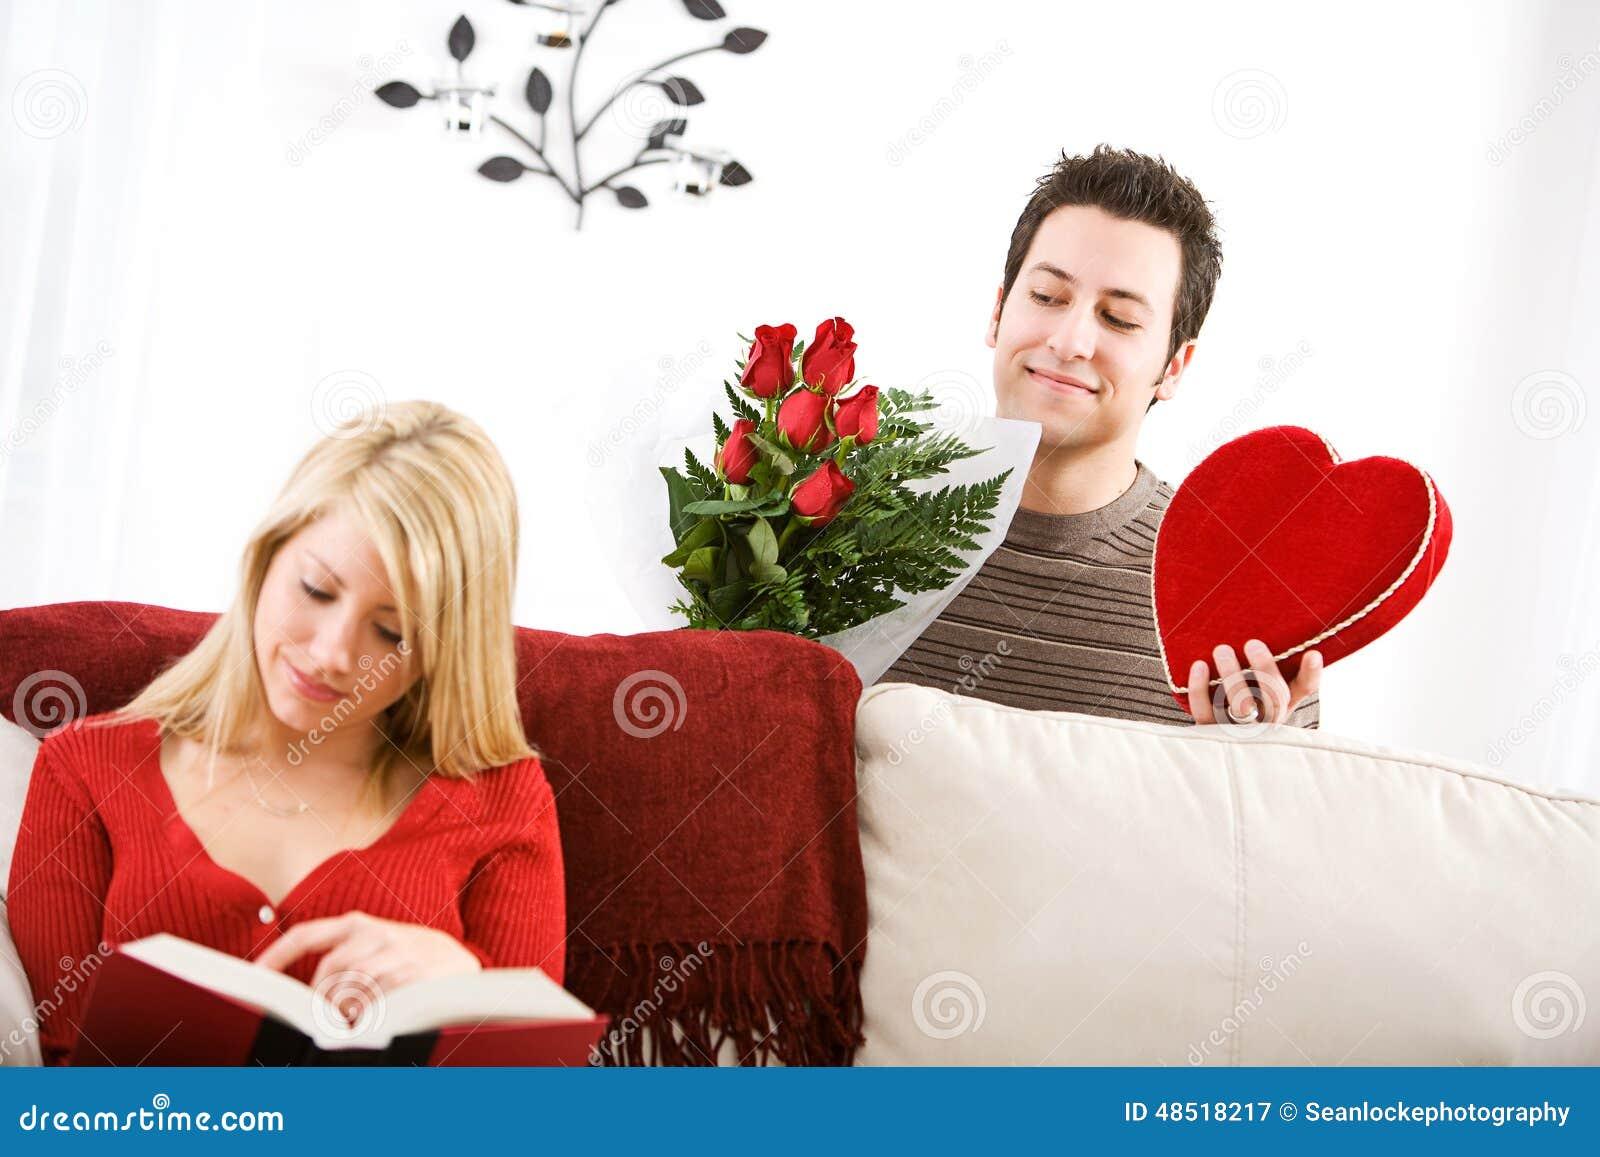 Valentinsgrußes Mann Schleicht Oben Mit Valentine Gifts For